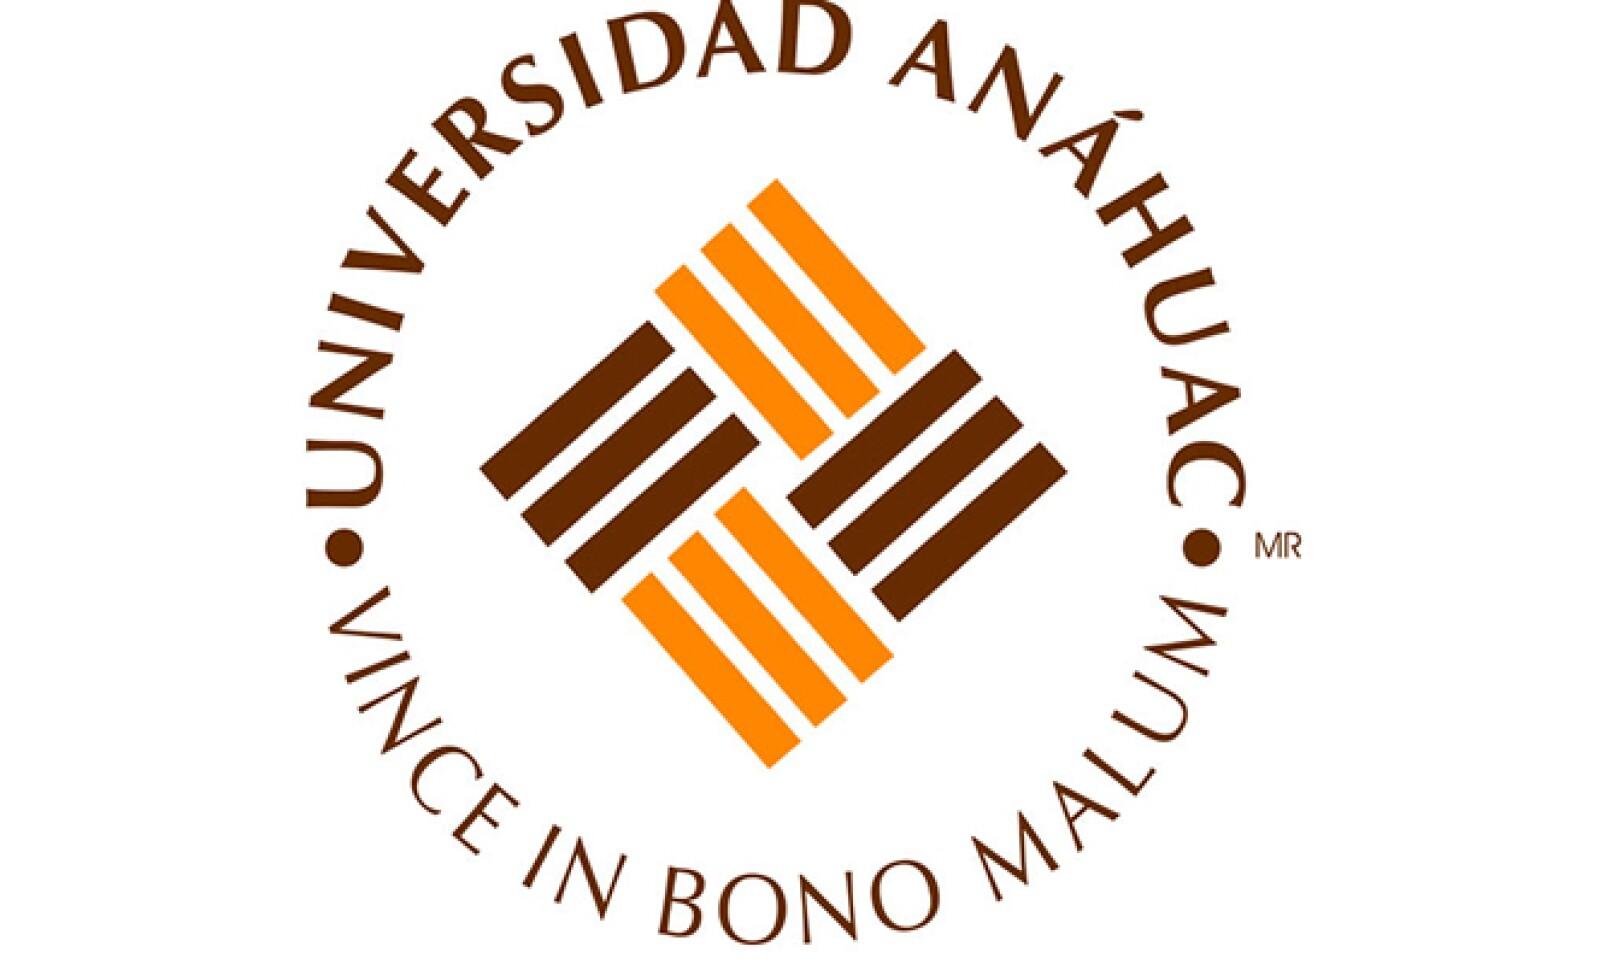 La universidad basa su emblema en la imagen de un tejido en proceso, que recoge simbólicamente el trabajo de interacción y desarrollo que caracteriza a la educación.